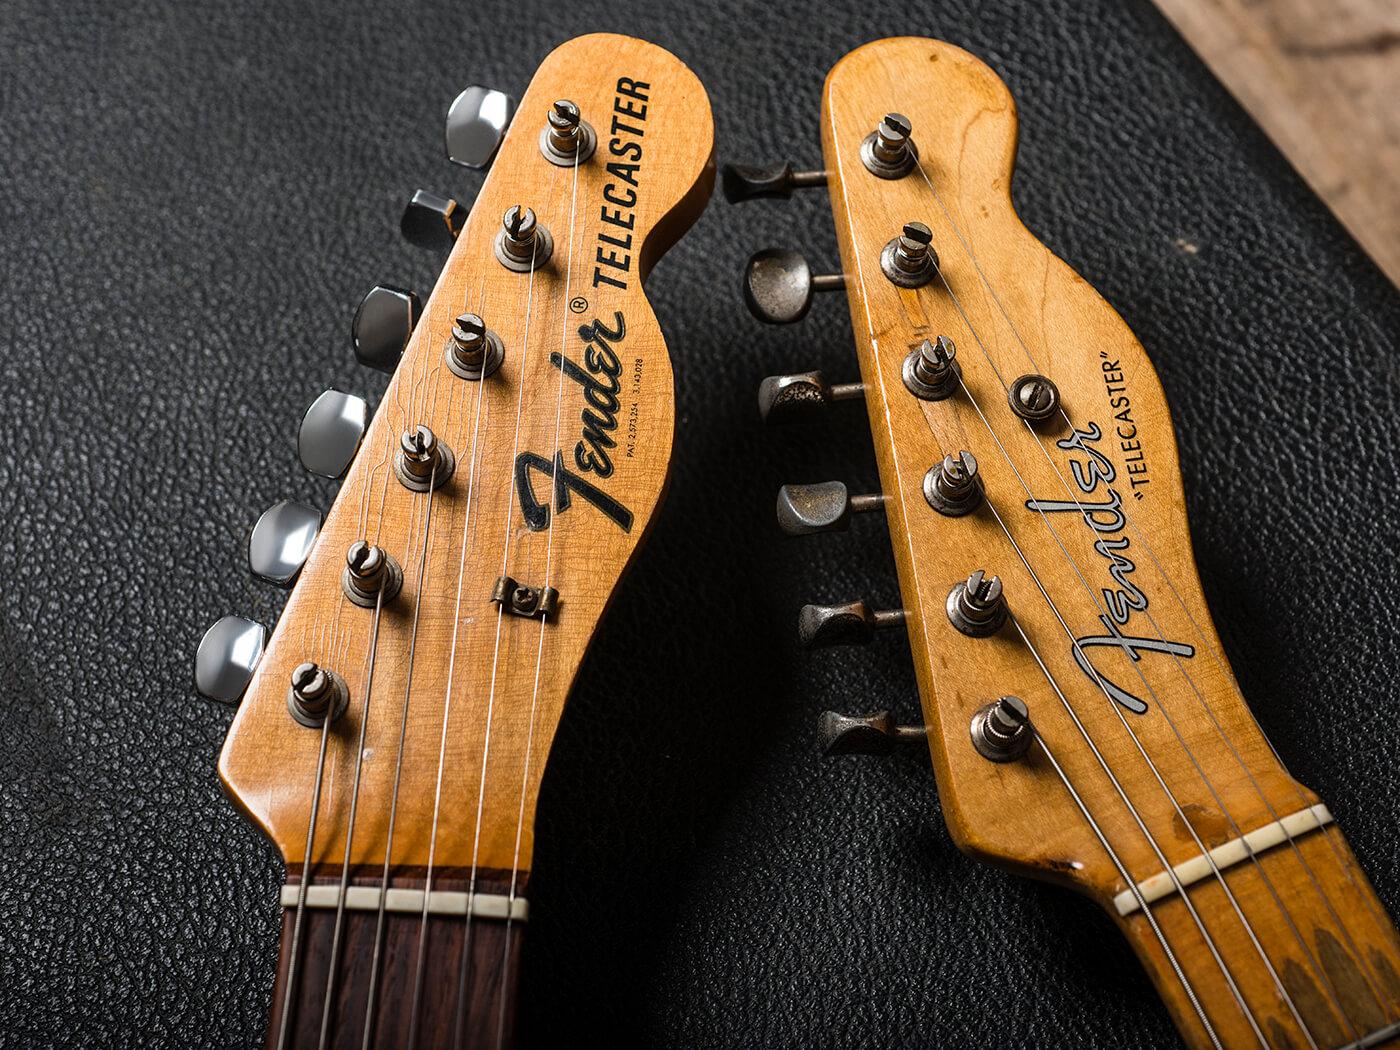 Fender Telecaster Headstocks